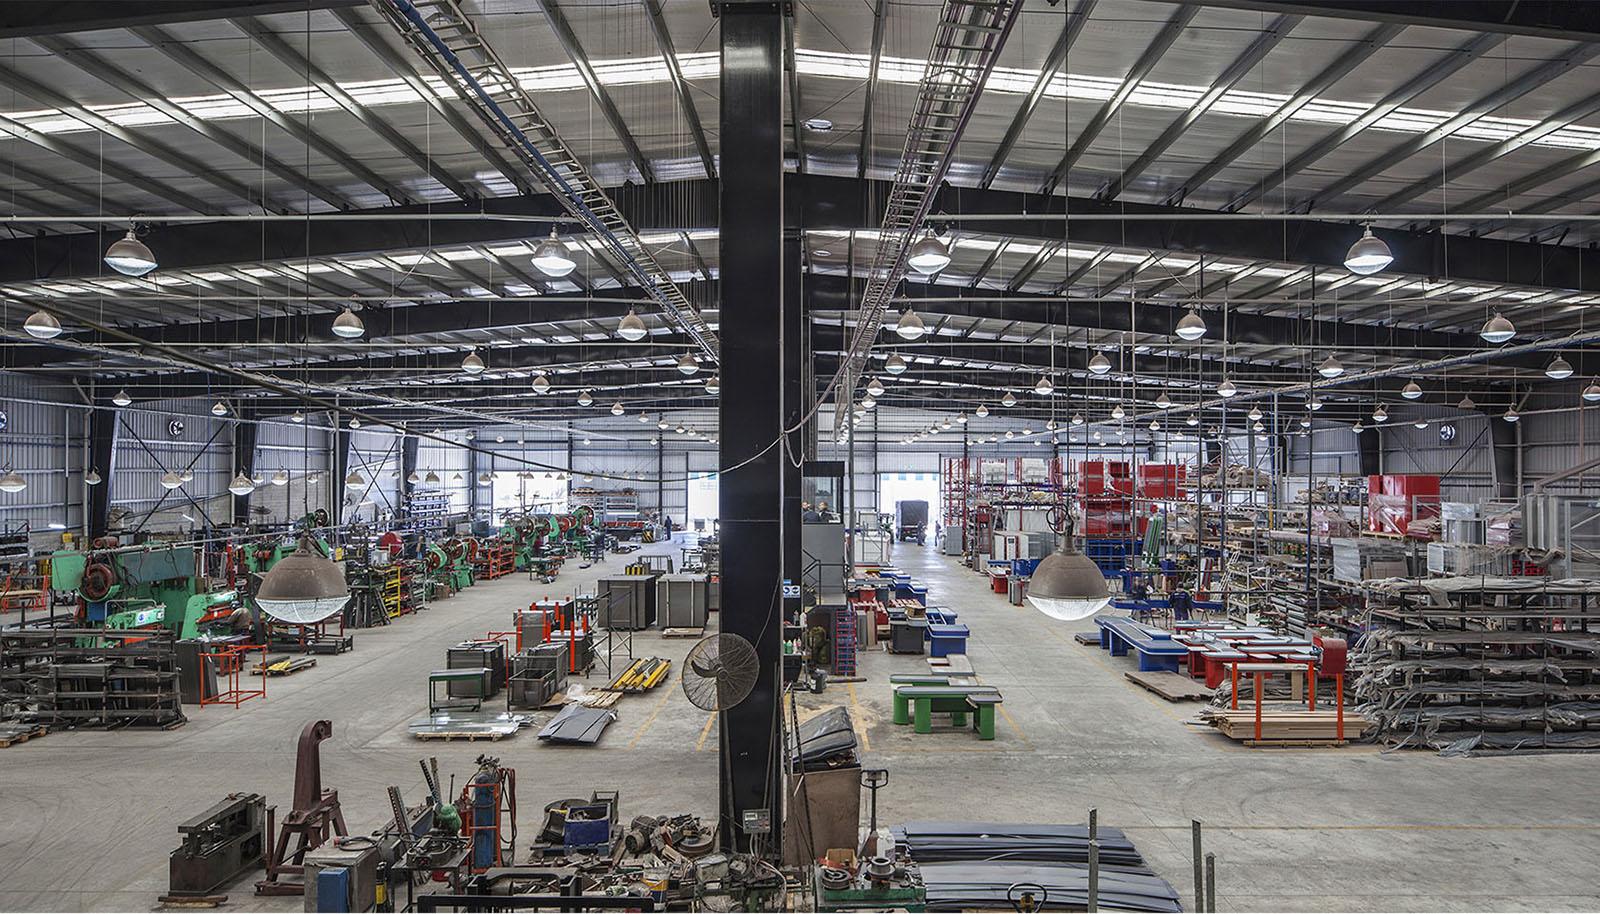 foto vista interior espacio de producción de fábrica, iluminación, arquitectura en acero, grandes luces